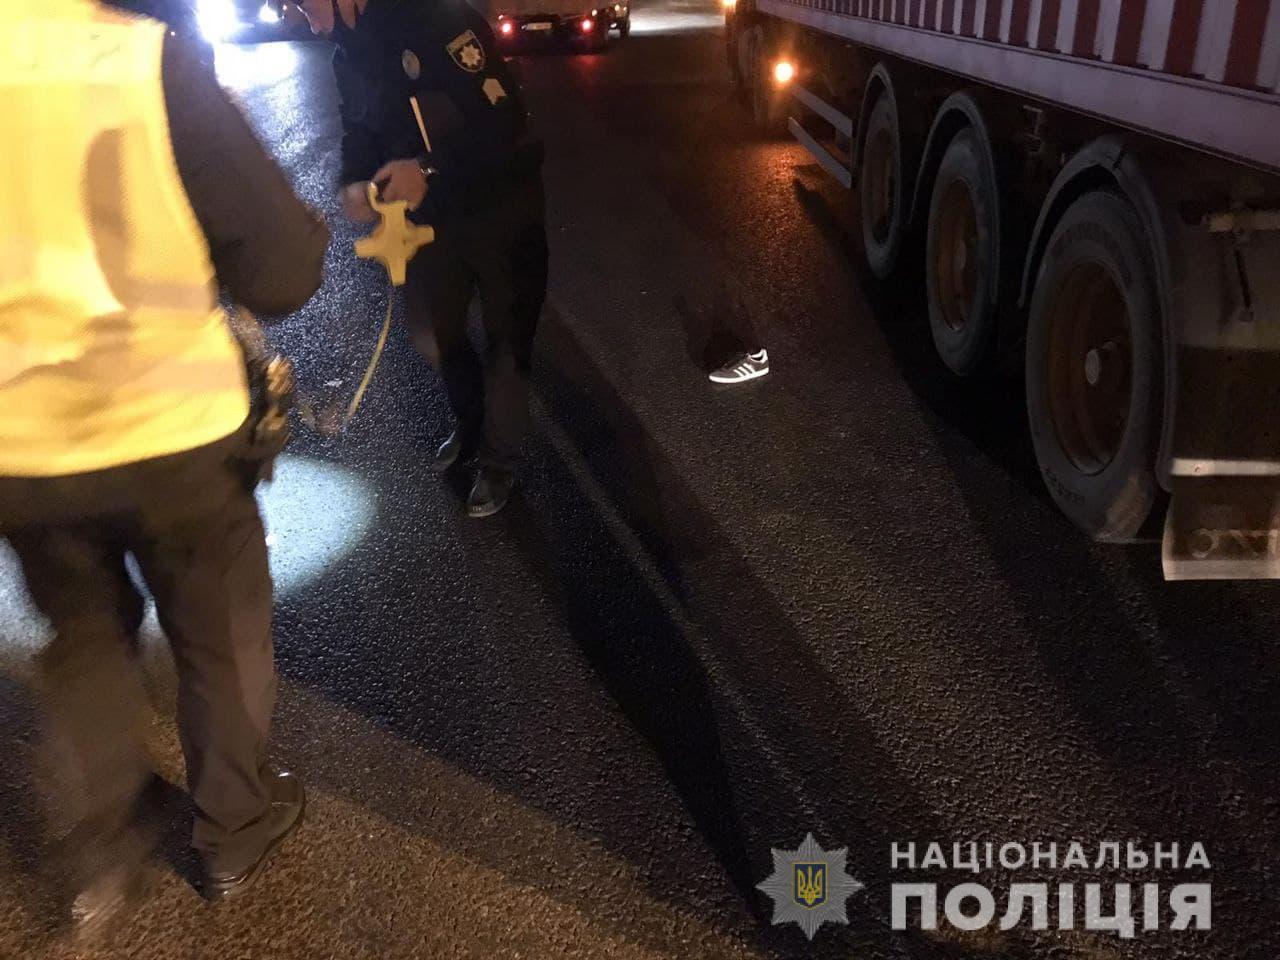 ДТП Харьков: на Большой Кольцевой фура сбила двух подростков